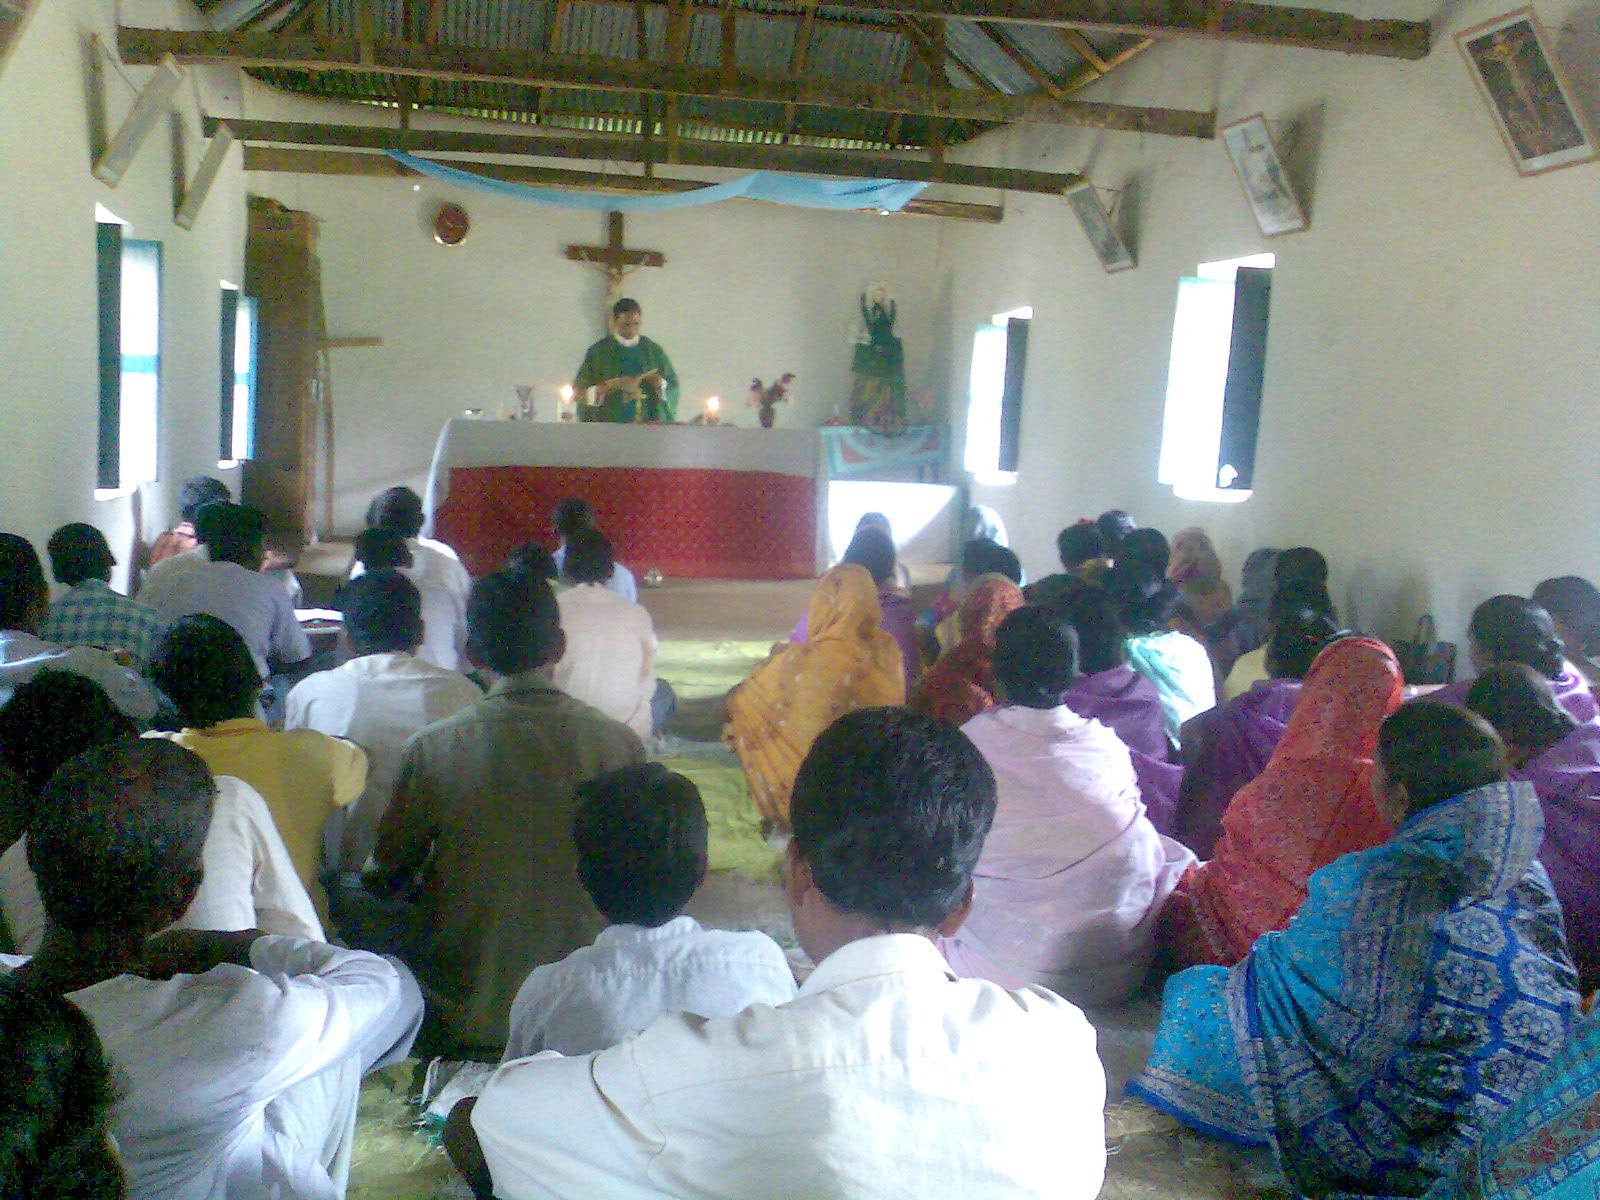 Sonntagsmesse in der Dorfkapelle